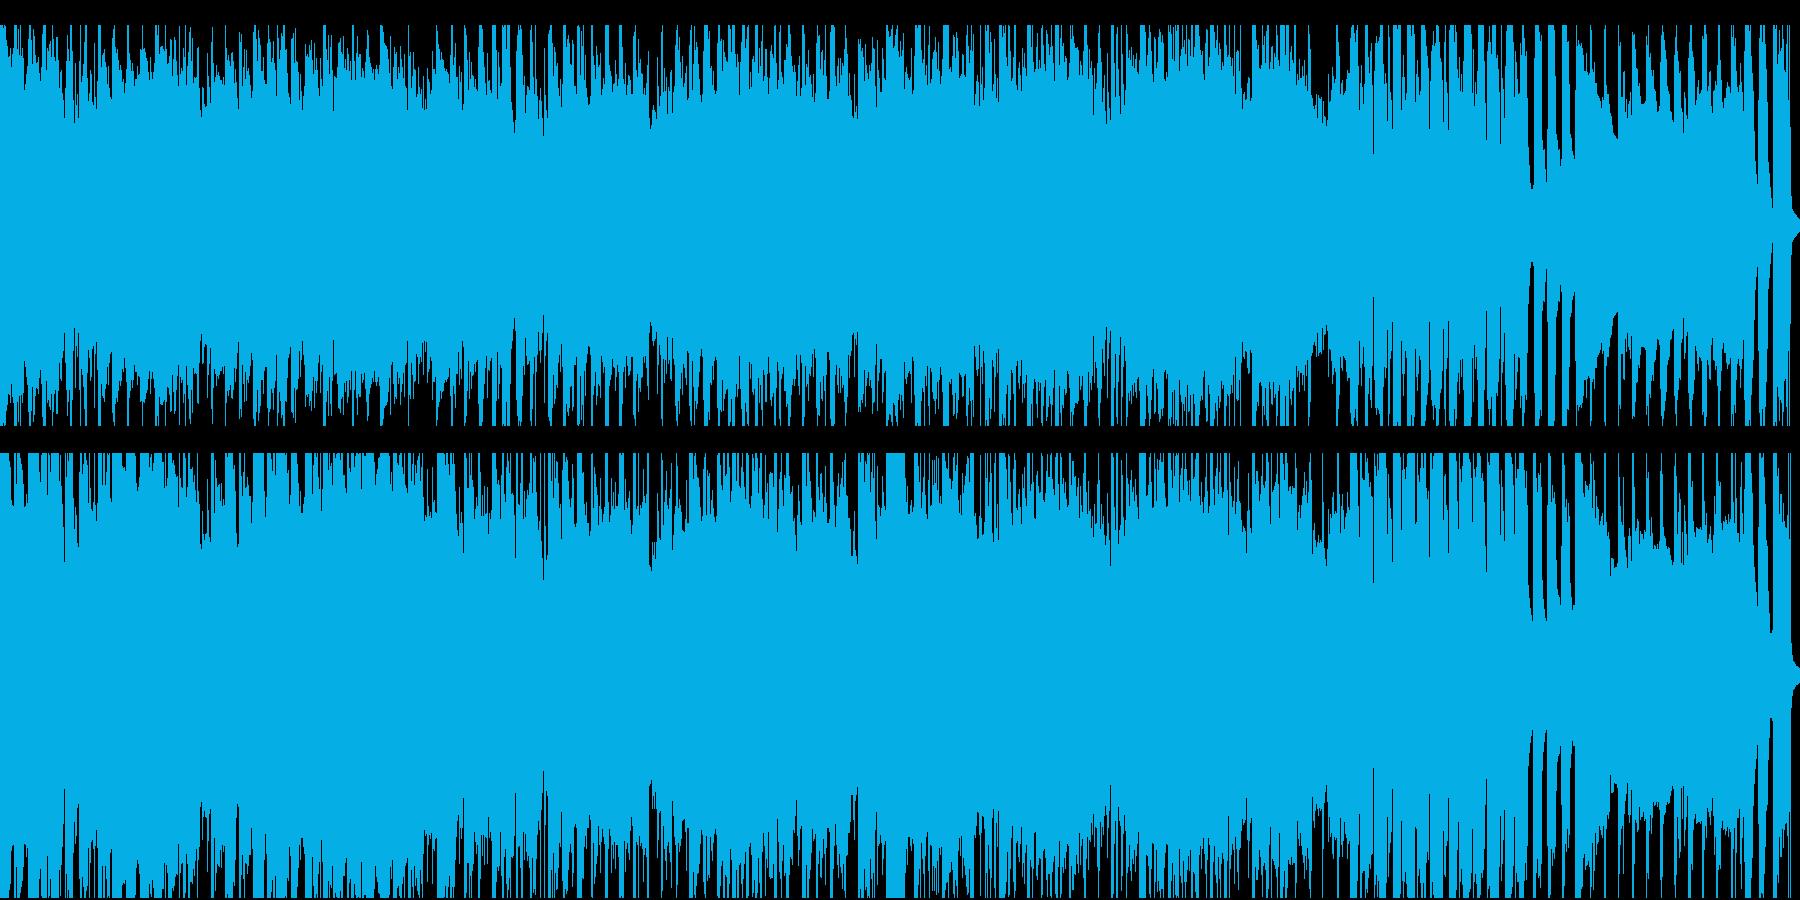 ポップなアコースティックループ音源の再生済みの波形